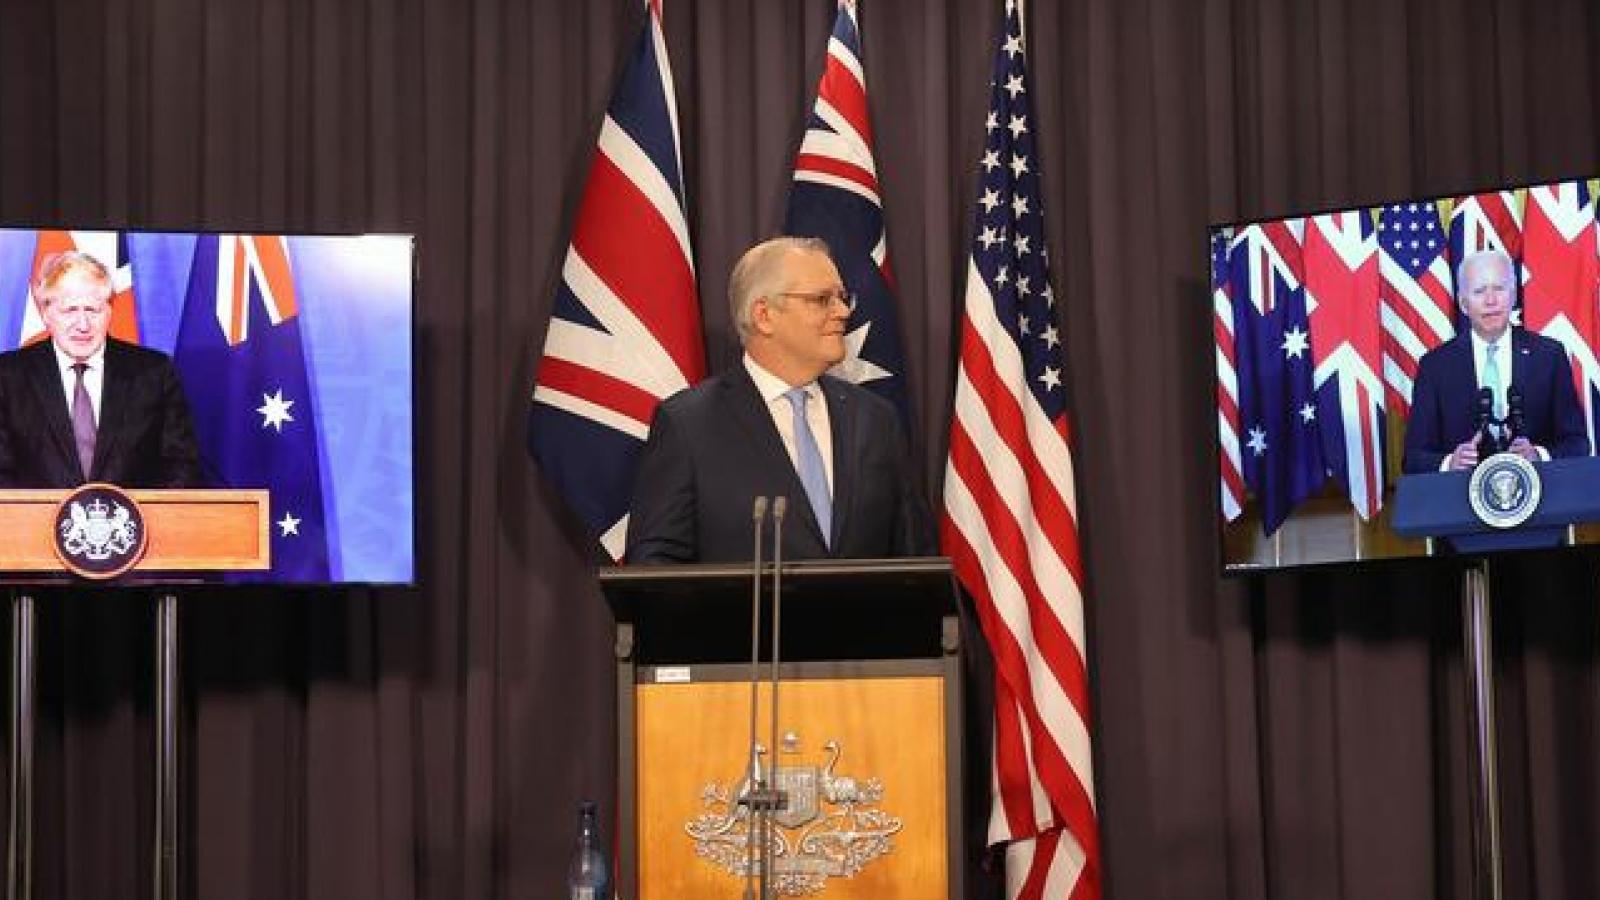 Liên minh AUKUS: Cơ chế an ninh mới giữa Australia - Anh - Mỹ